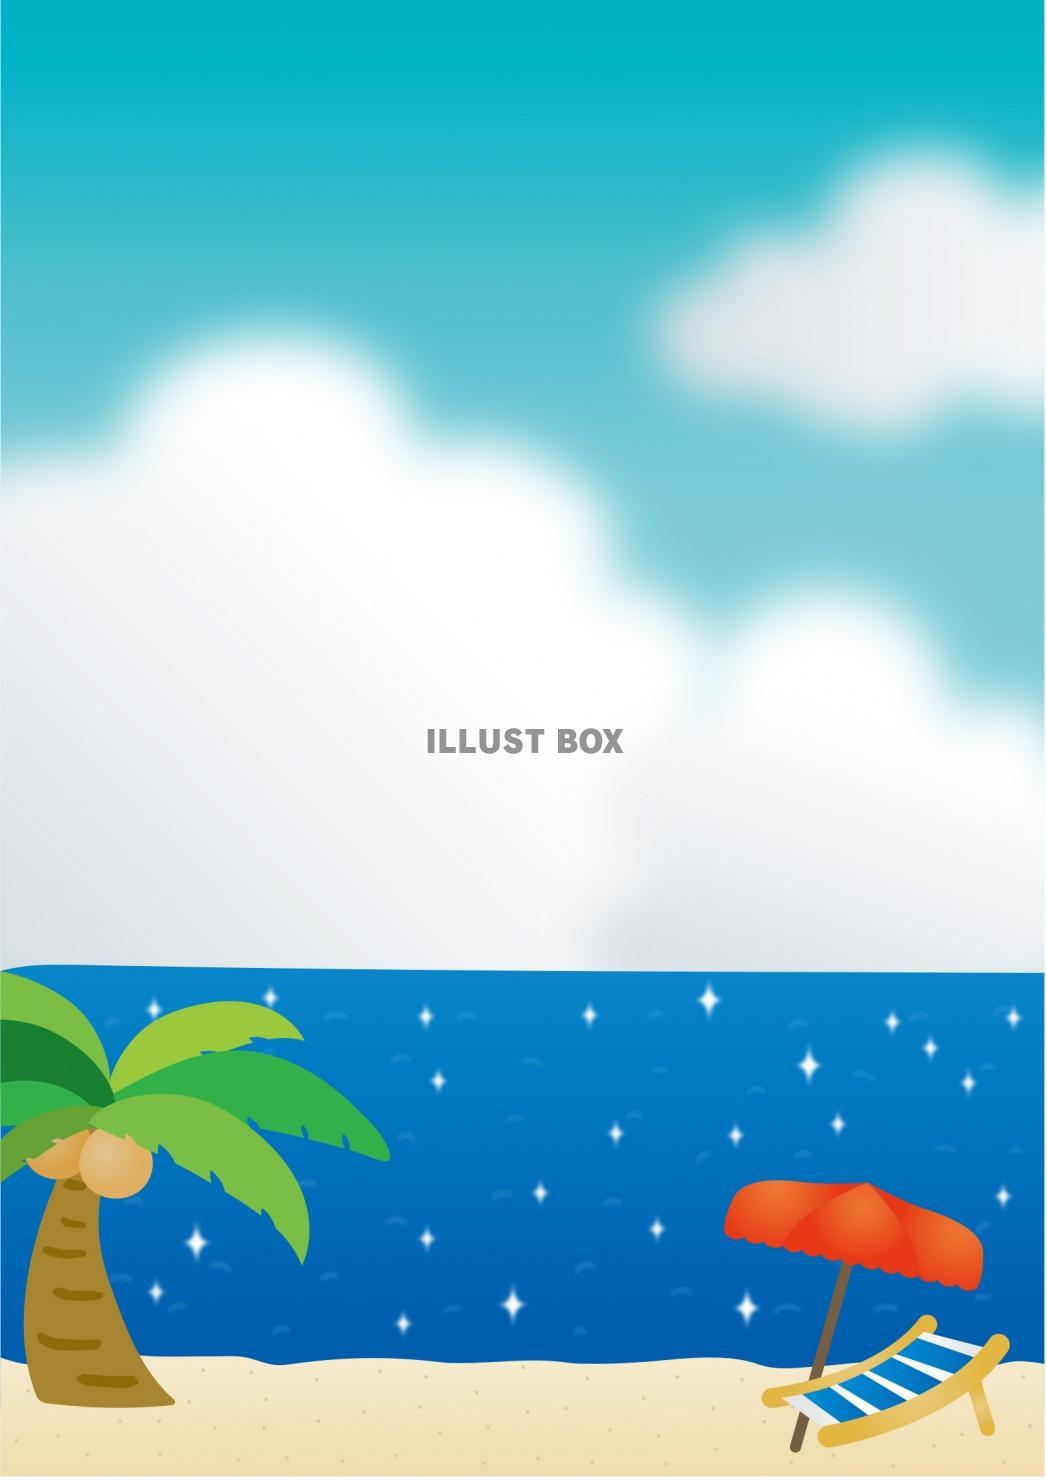 無料イラスト 夏の海イメージ